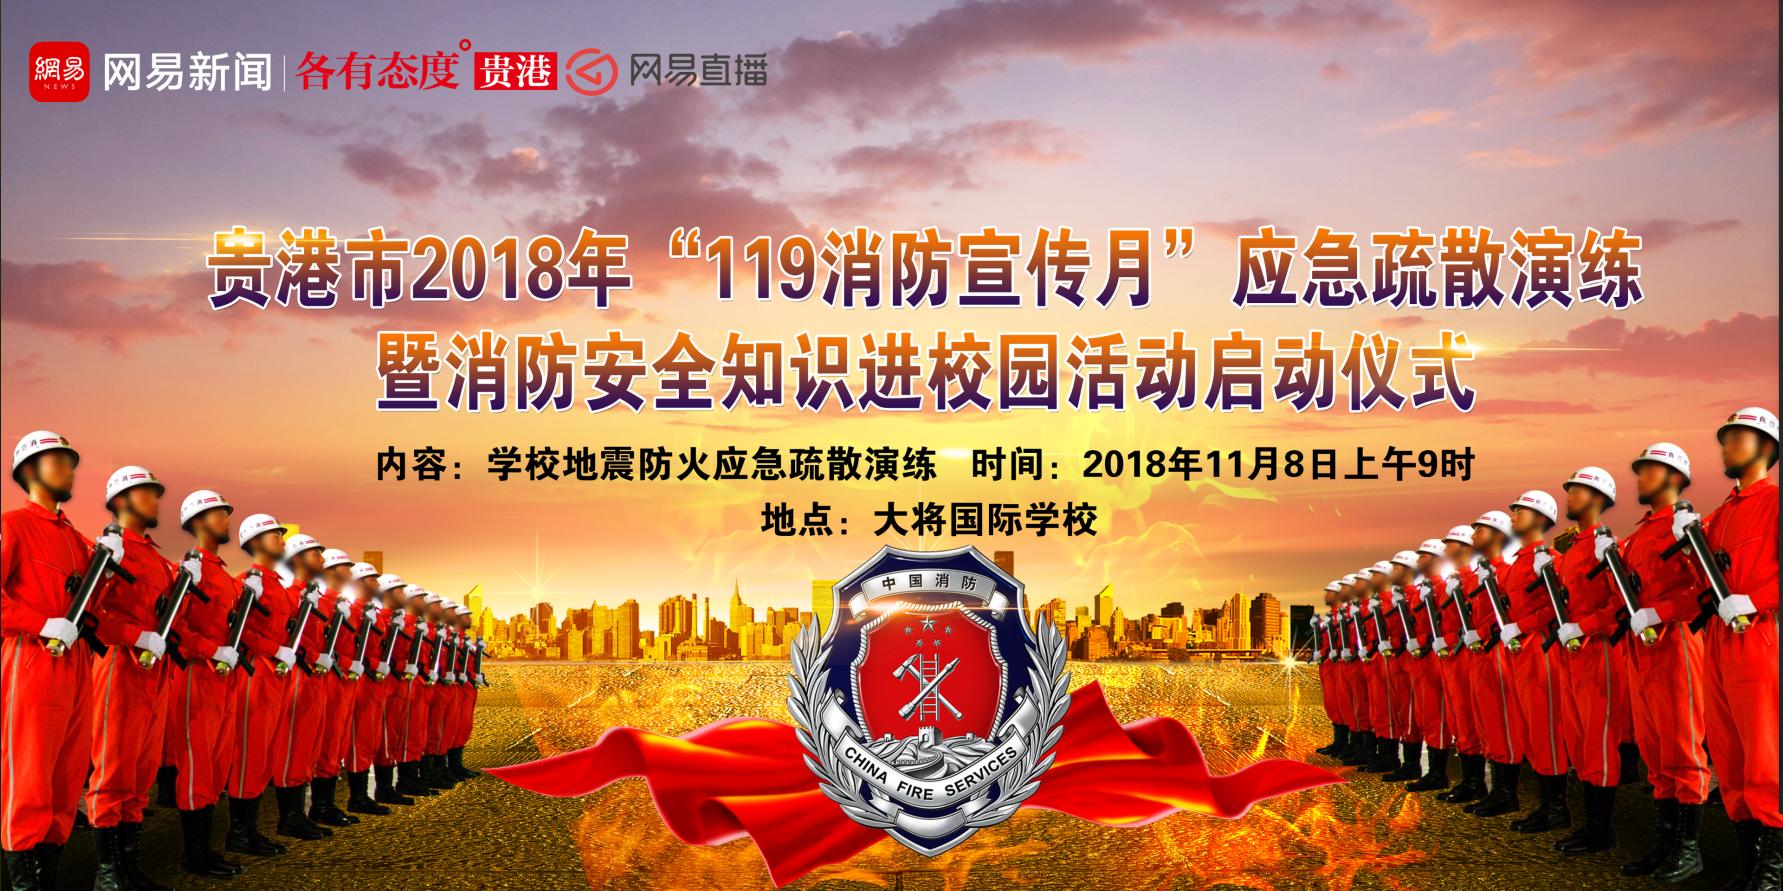 """""""119消防宣传日""""进校园活动启动仪式"""